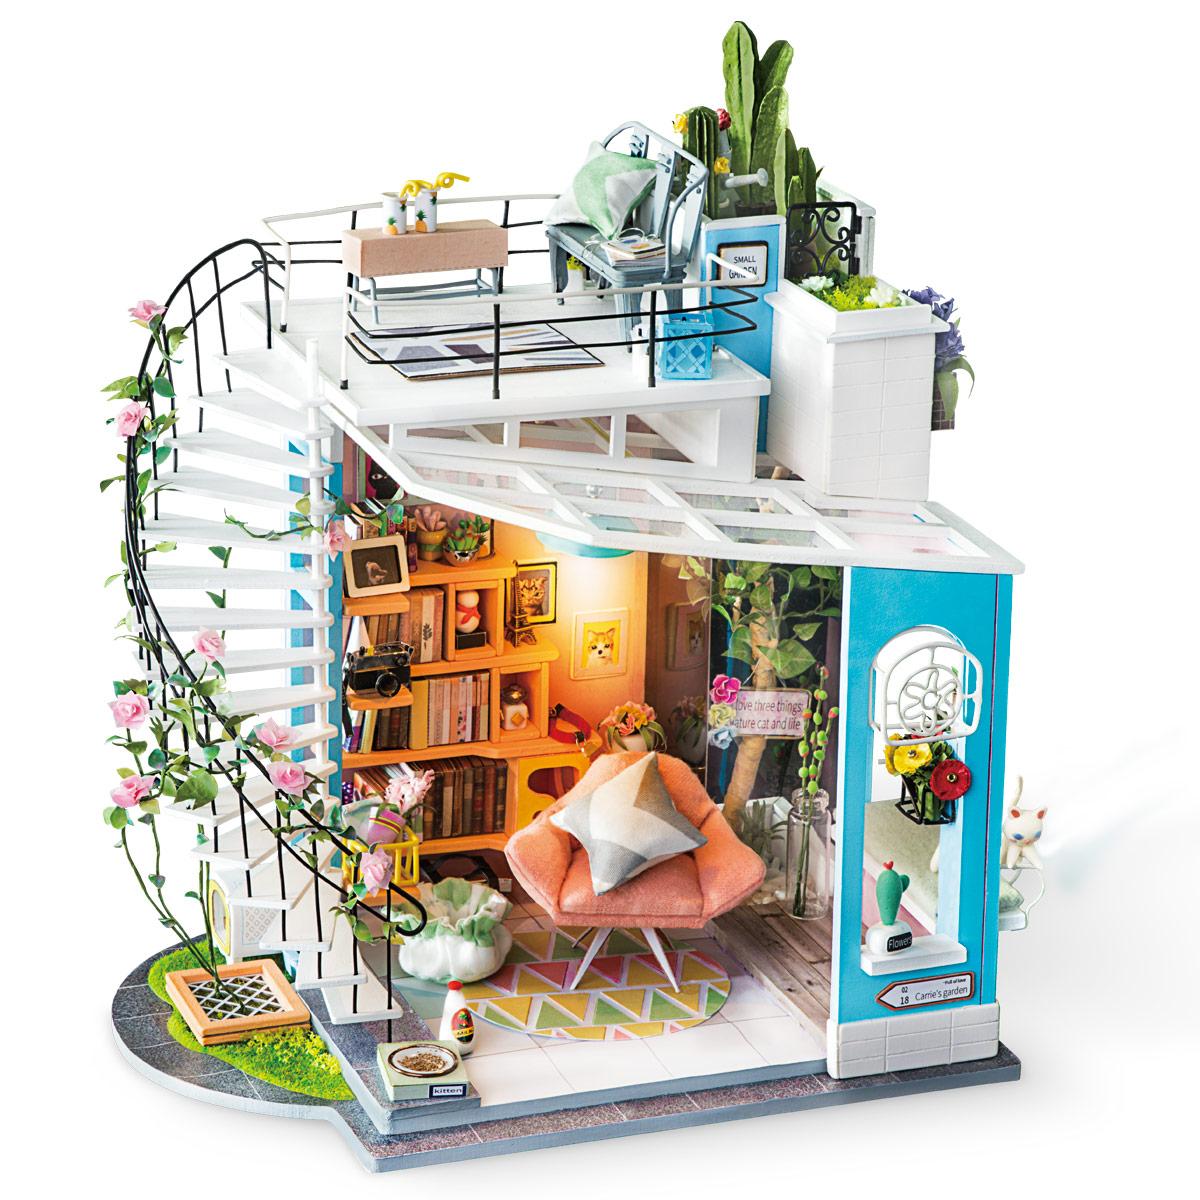 Robotime miniature house kit